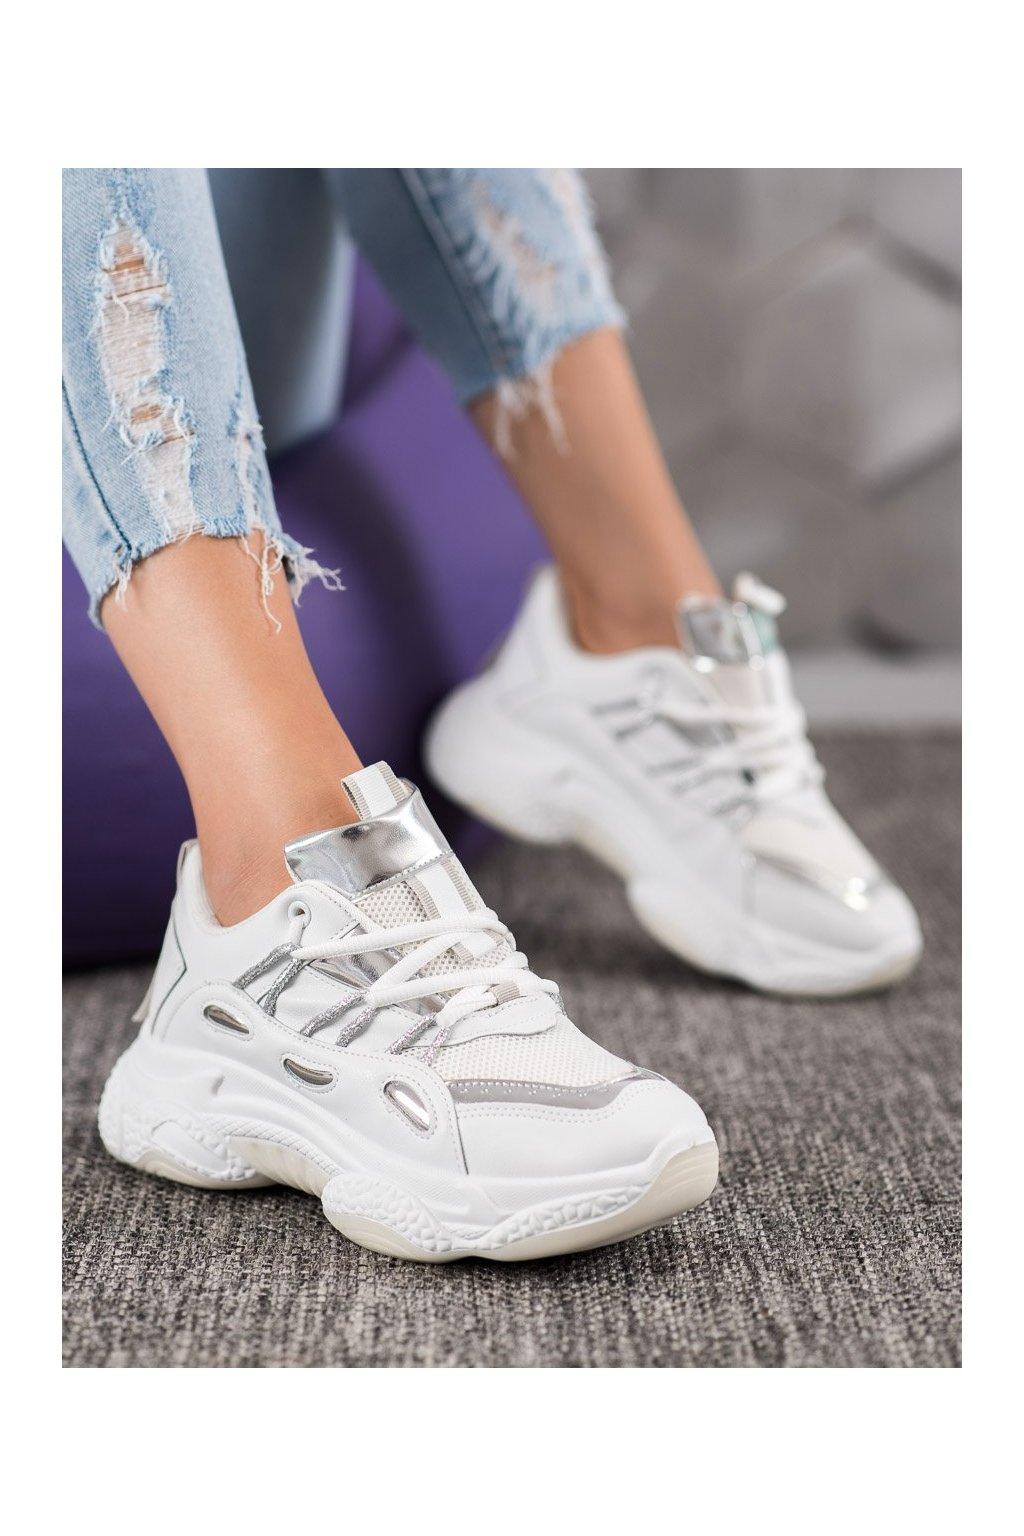 Biele tenisky Shelovet kod AB682W/S